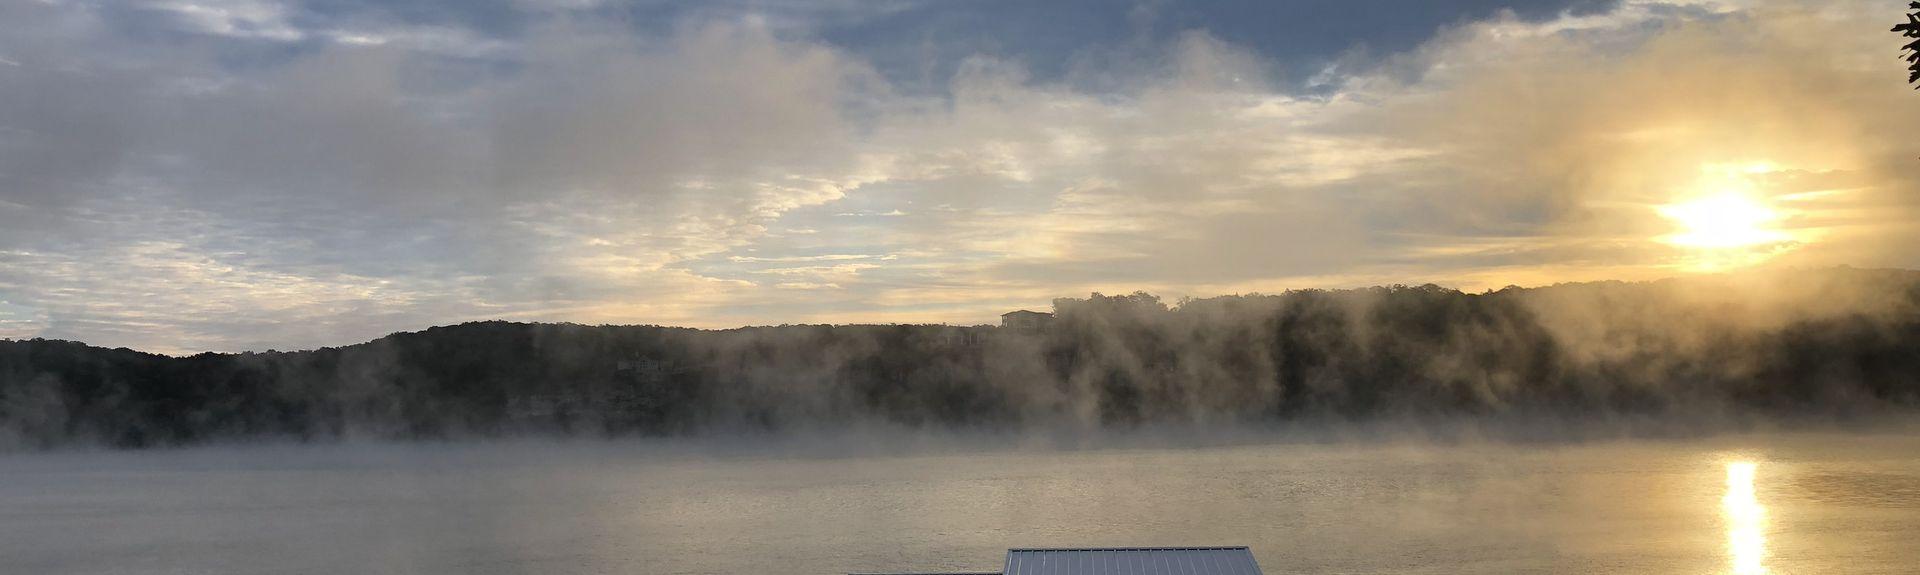 Lakeside, Missouri, États-Unis d'Amérique